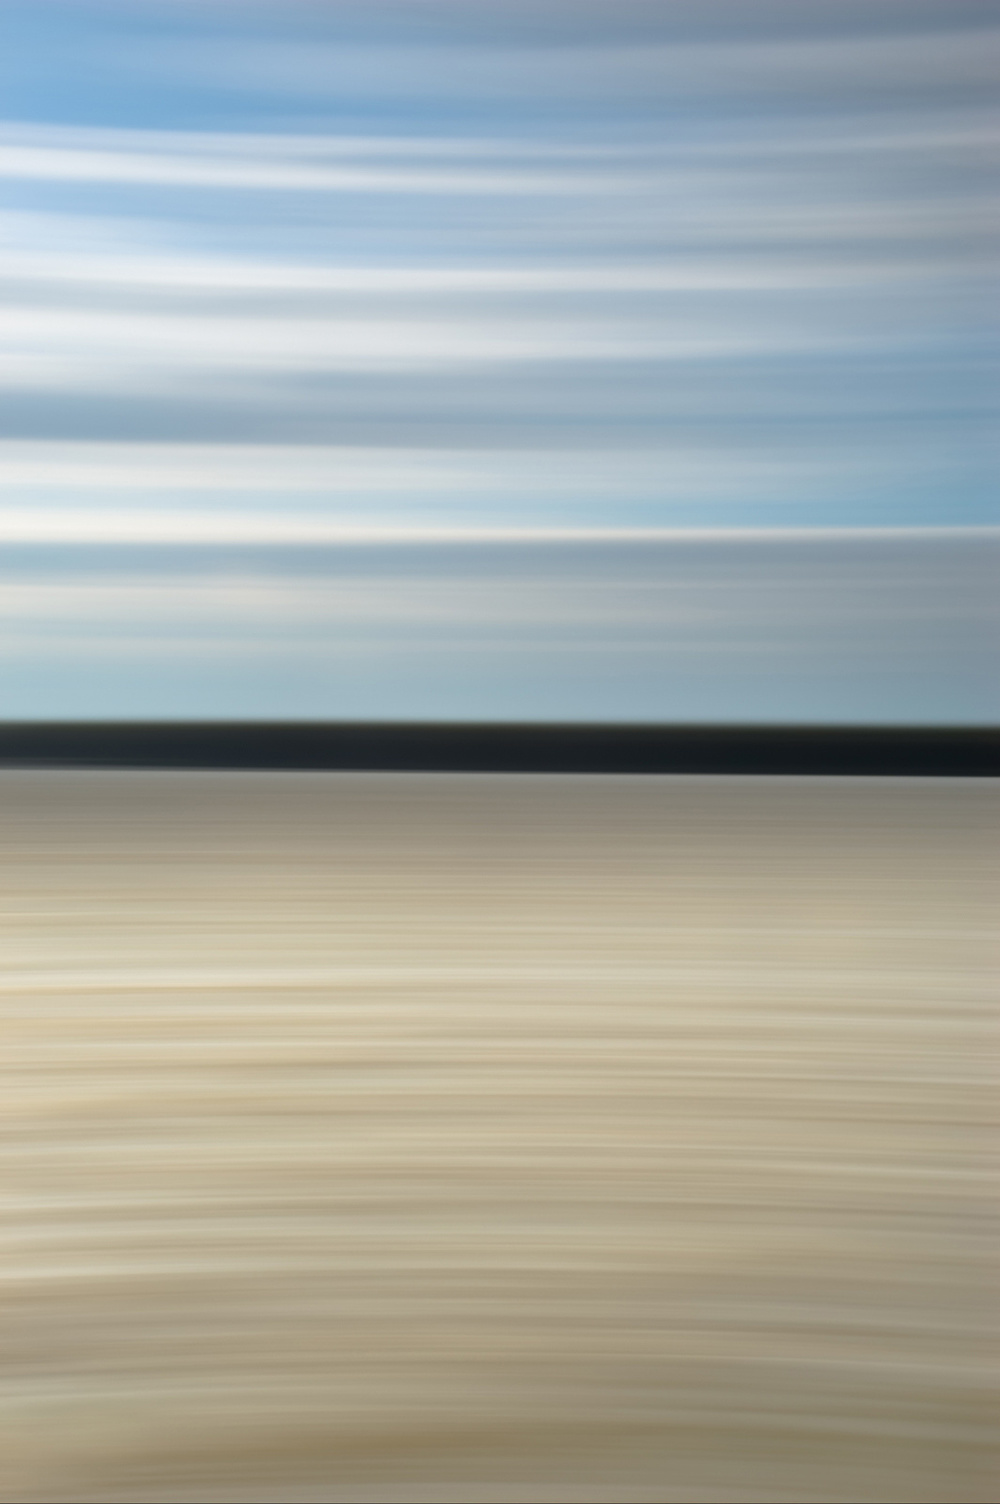 Landscape No. 14812